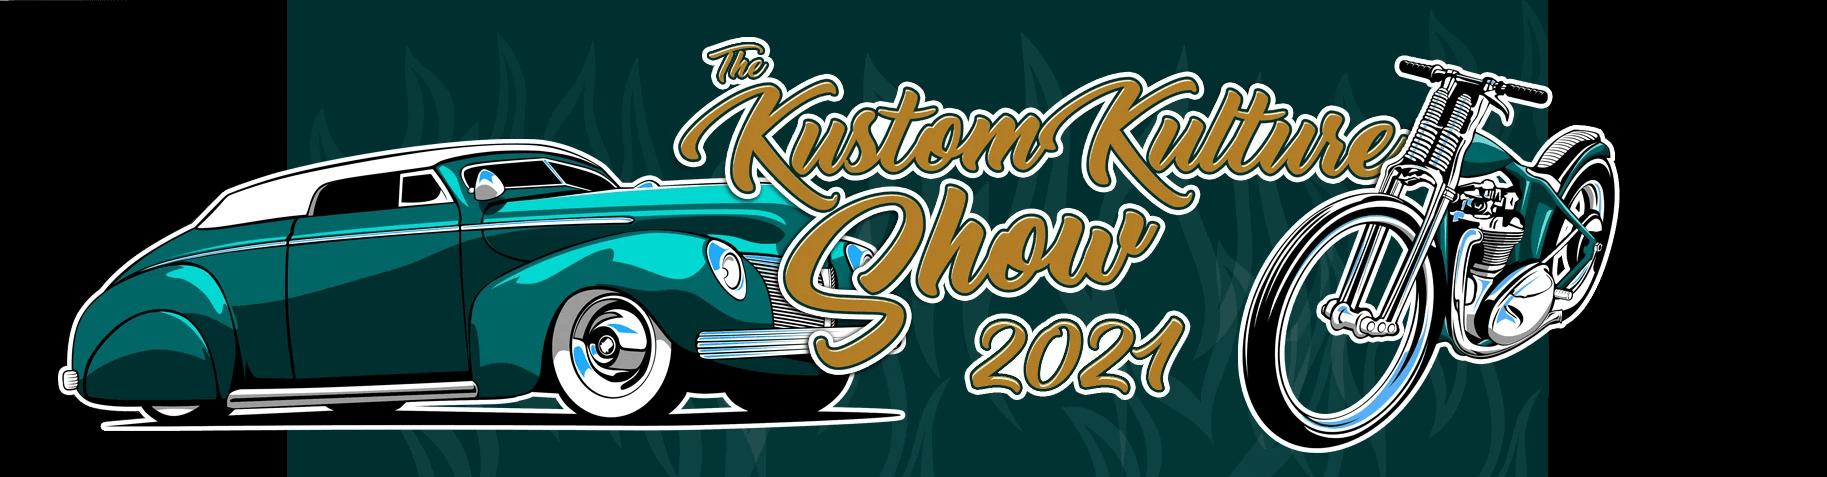 Kustom Kulture Show 2021 mainosbanneri. Kuva: KKS.